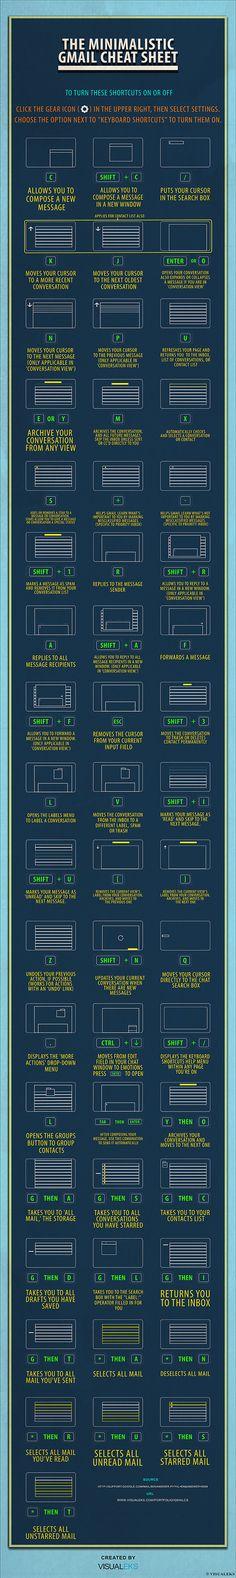 Atajos de teclado para gmail en una infografía